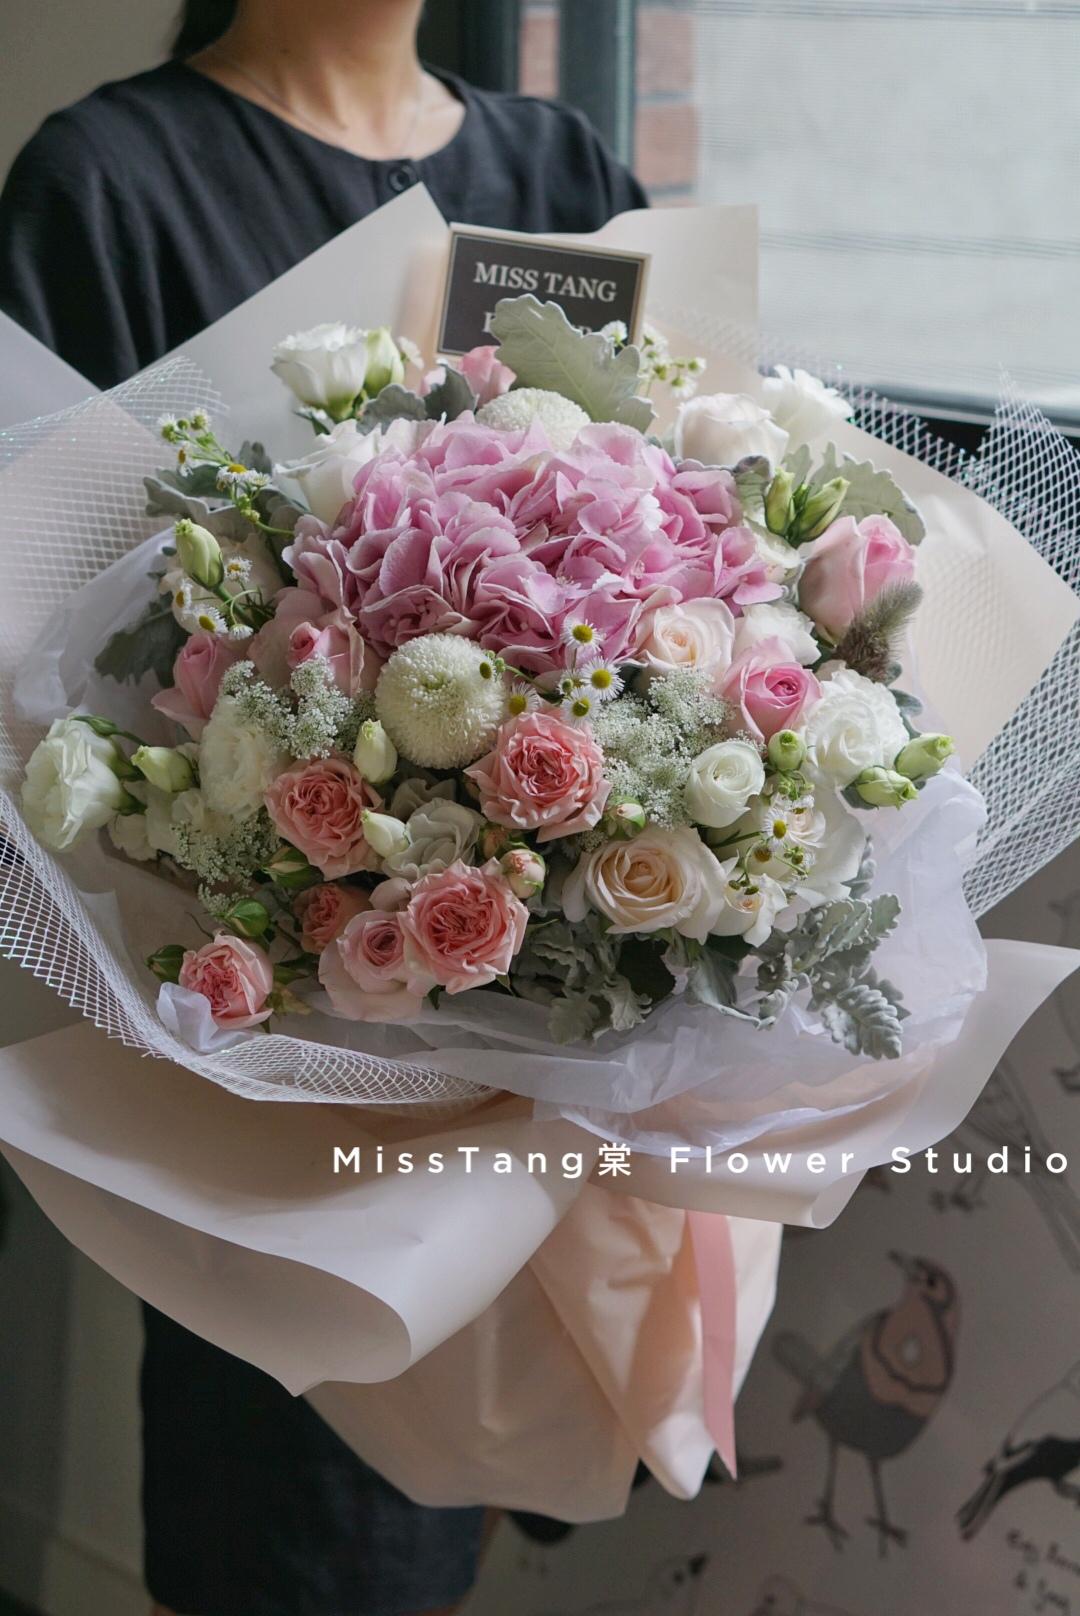 Miss棠毕业季生日礼物绣球玫瑰花束混搭鲜花速递武汉同城